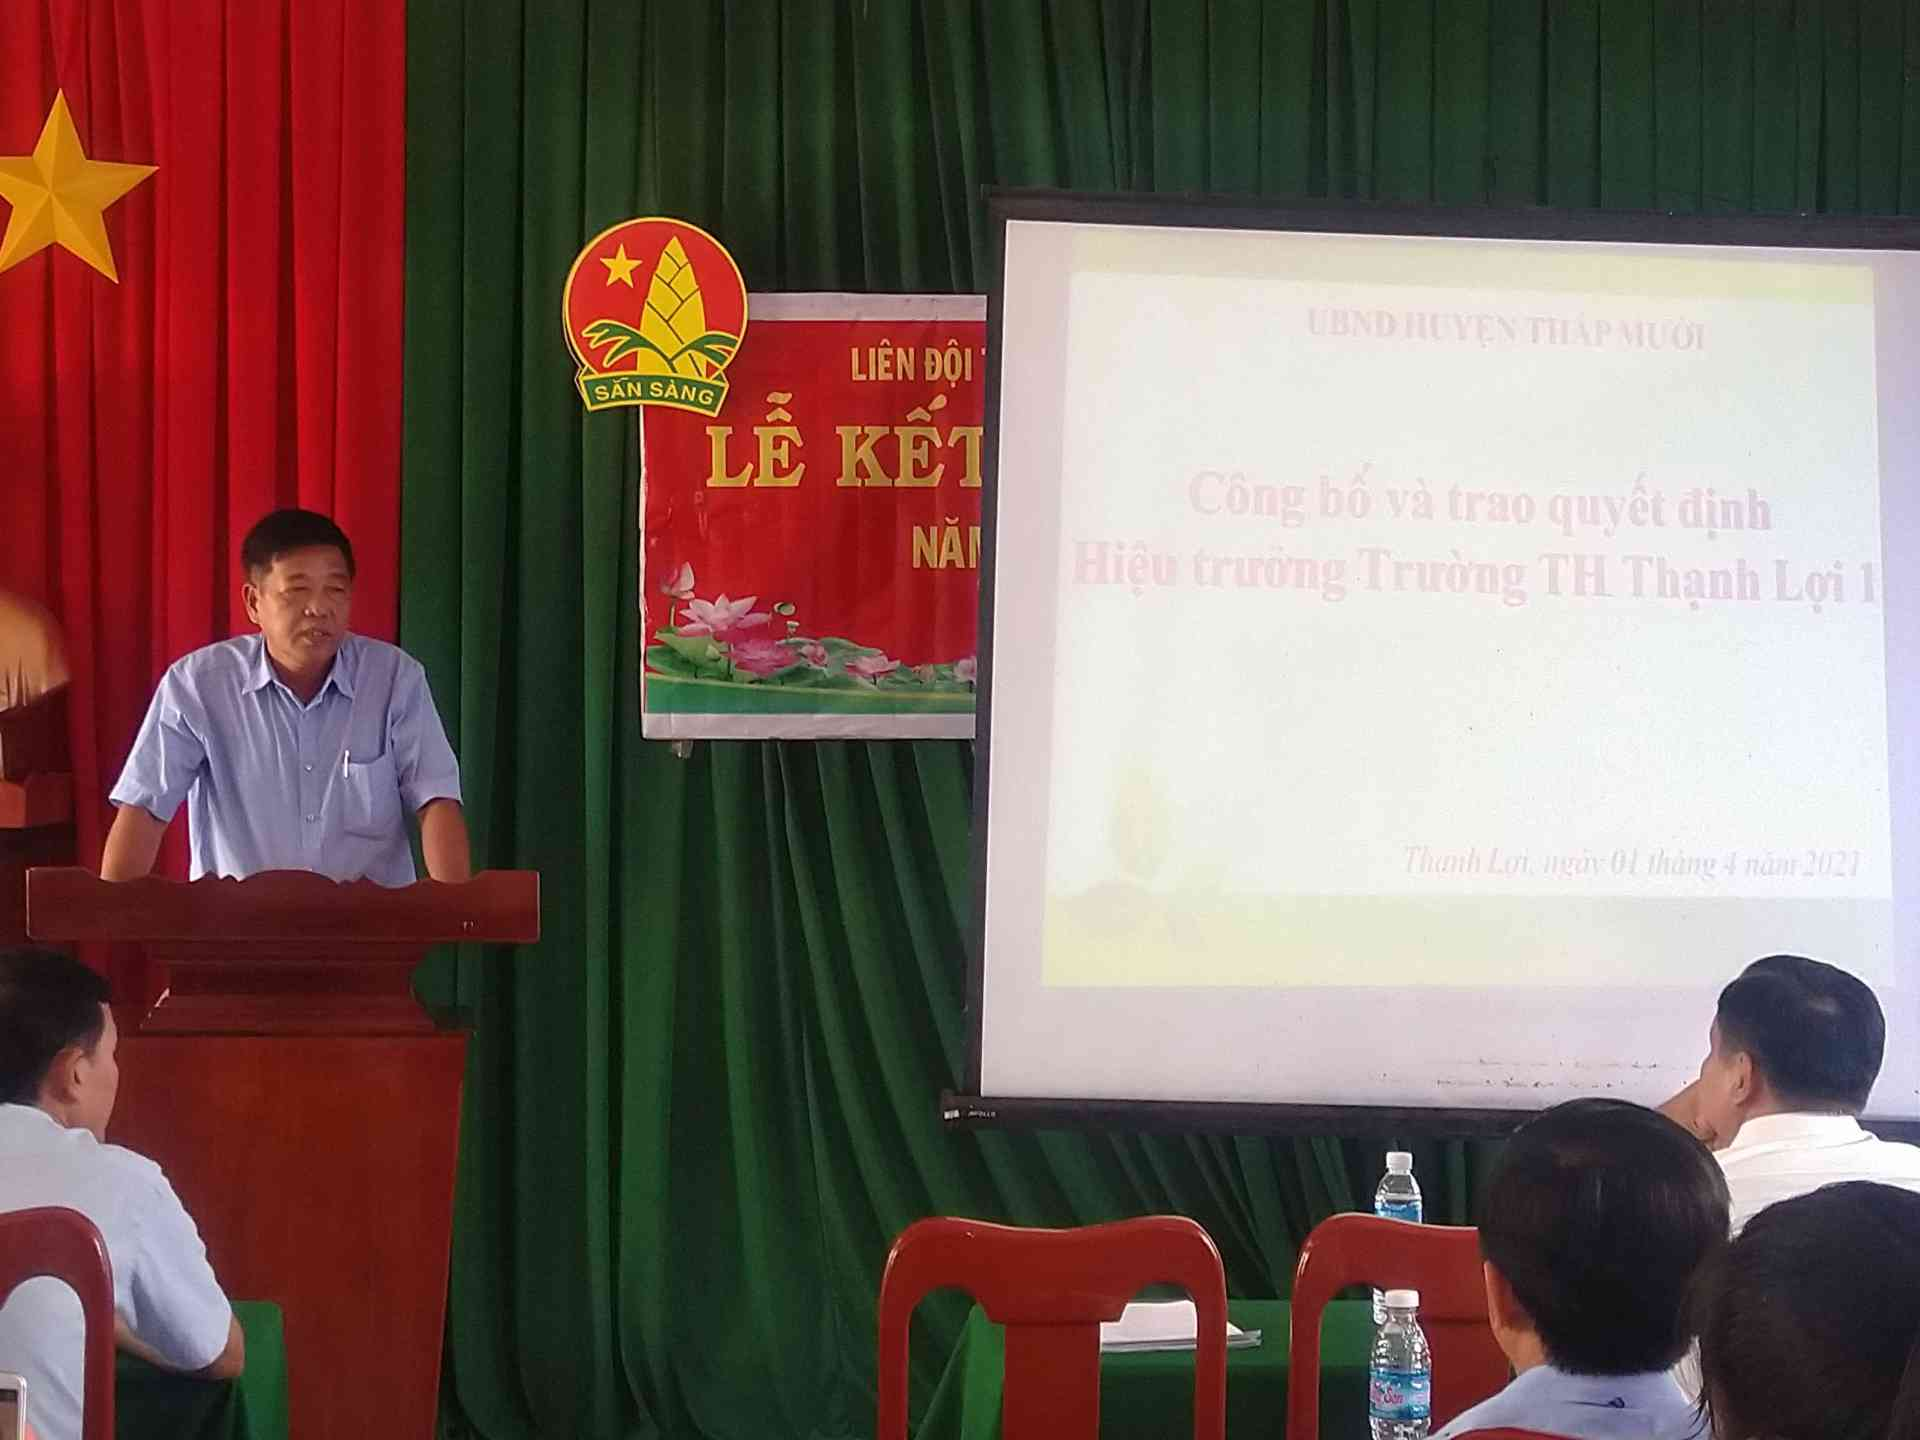 Thầy Nguyễn Thành Tâm phát biểu trong biểu lễ và thông qua biên bản bàn giao.